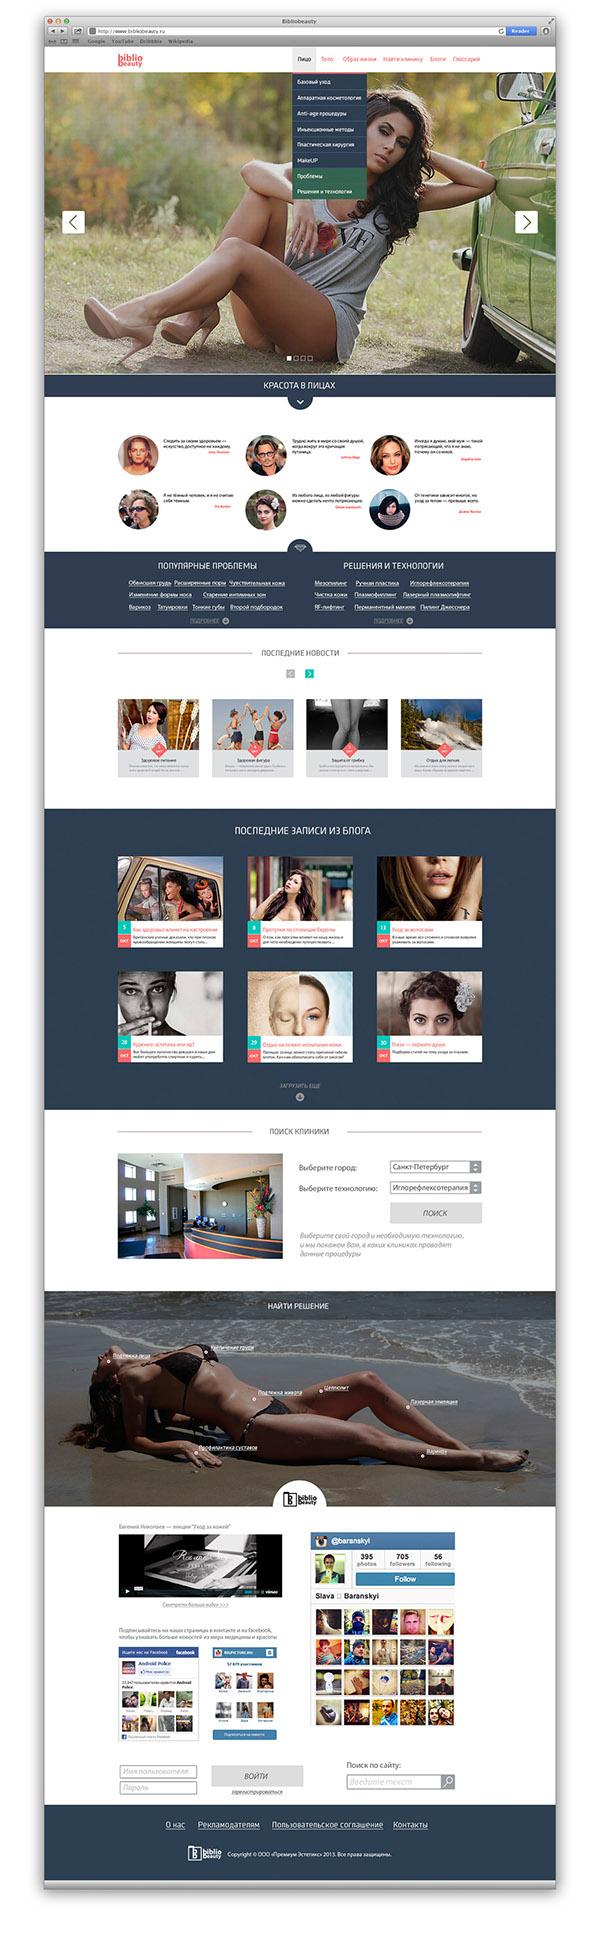 bibliobeauty Web landing page Website promo beauty